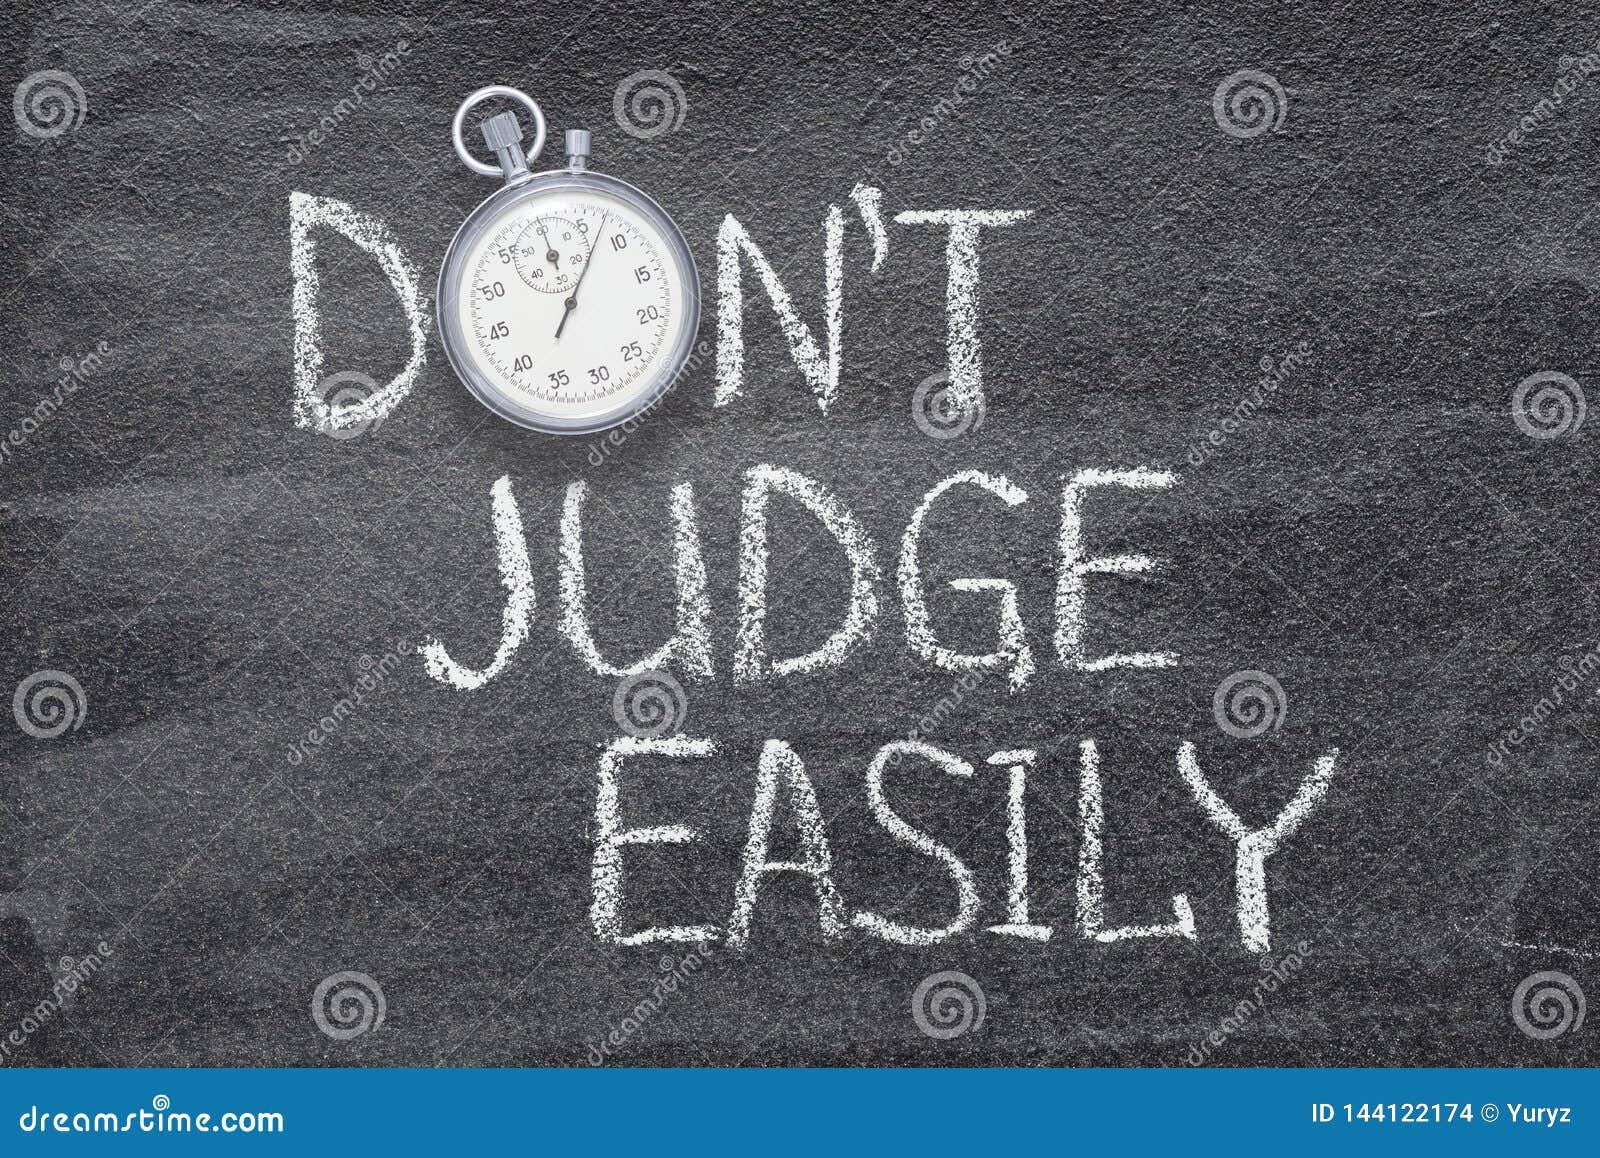 Не судья легко